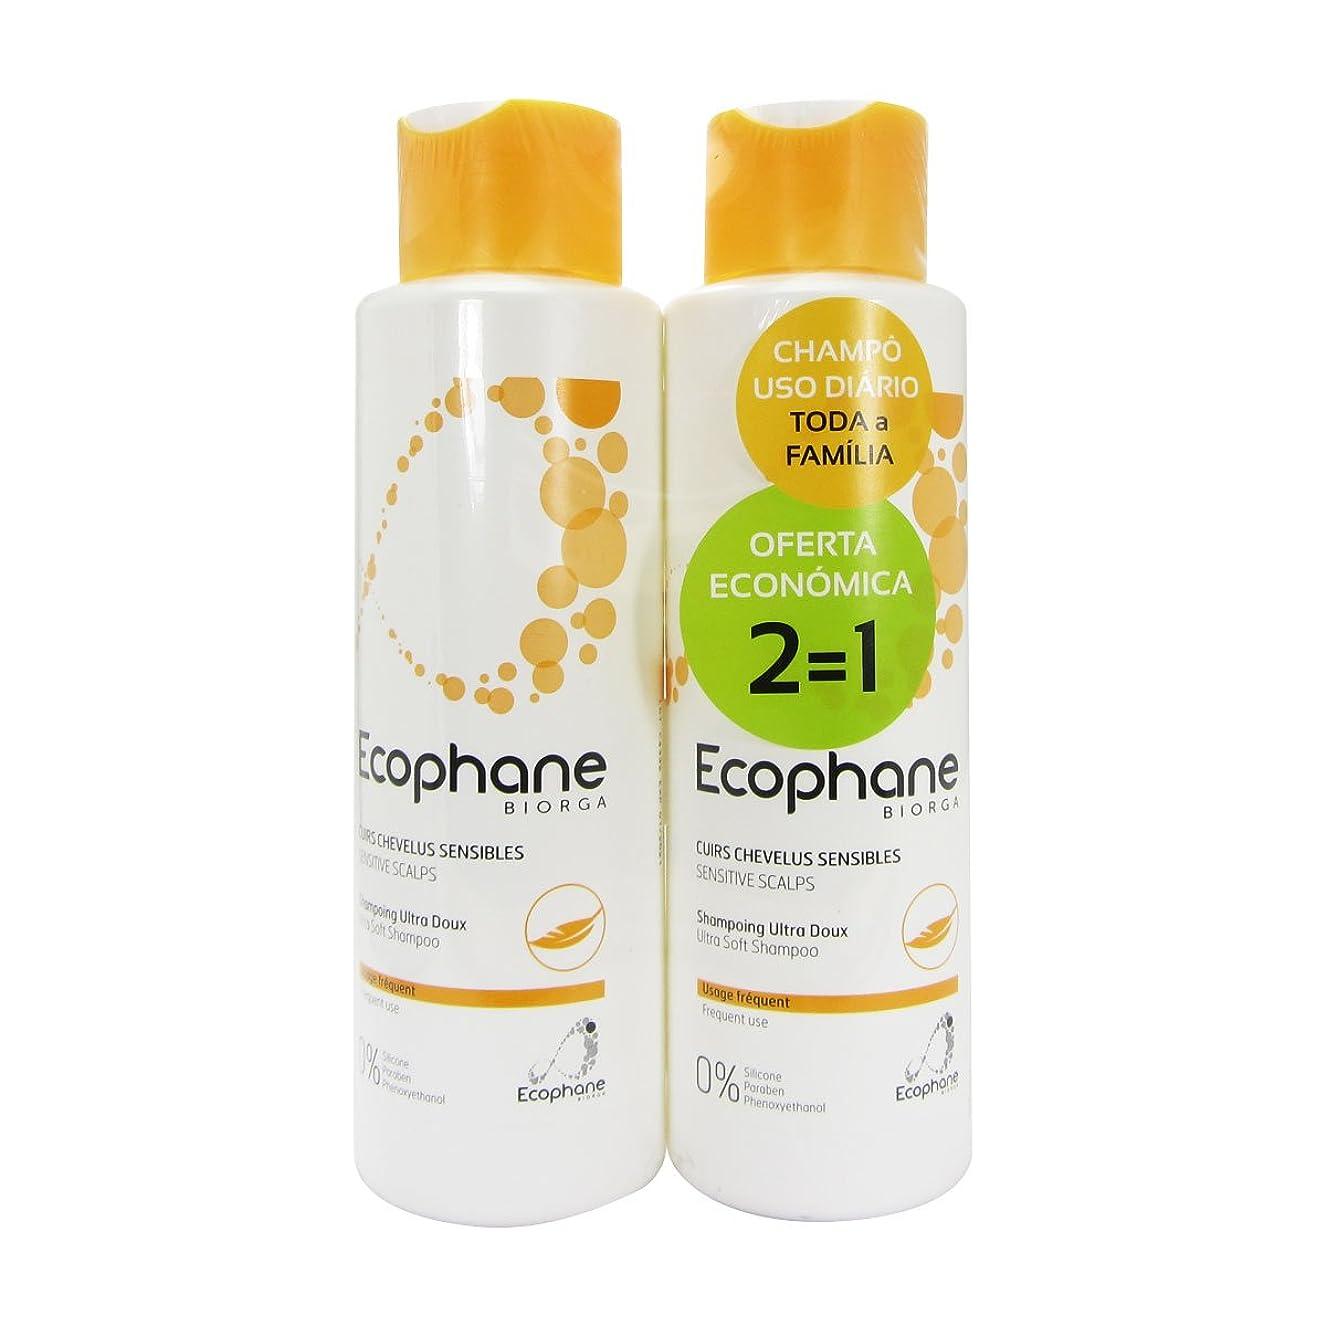 間違っている億辛なBiorga Ecophane Pack Ultra Soft Shampoo 2x500ml [並行輸入品]